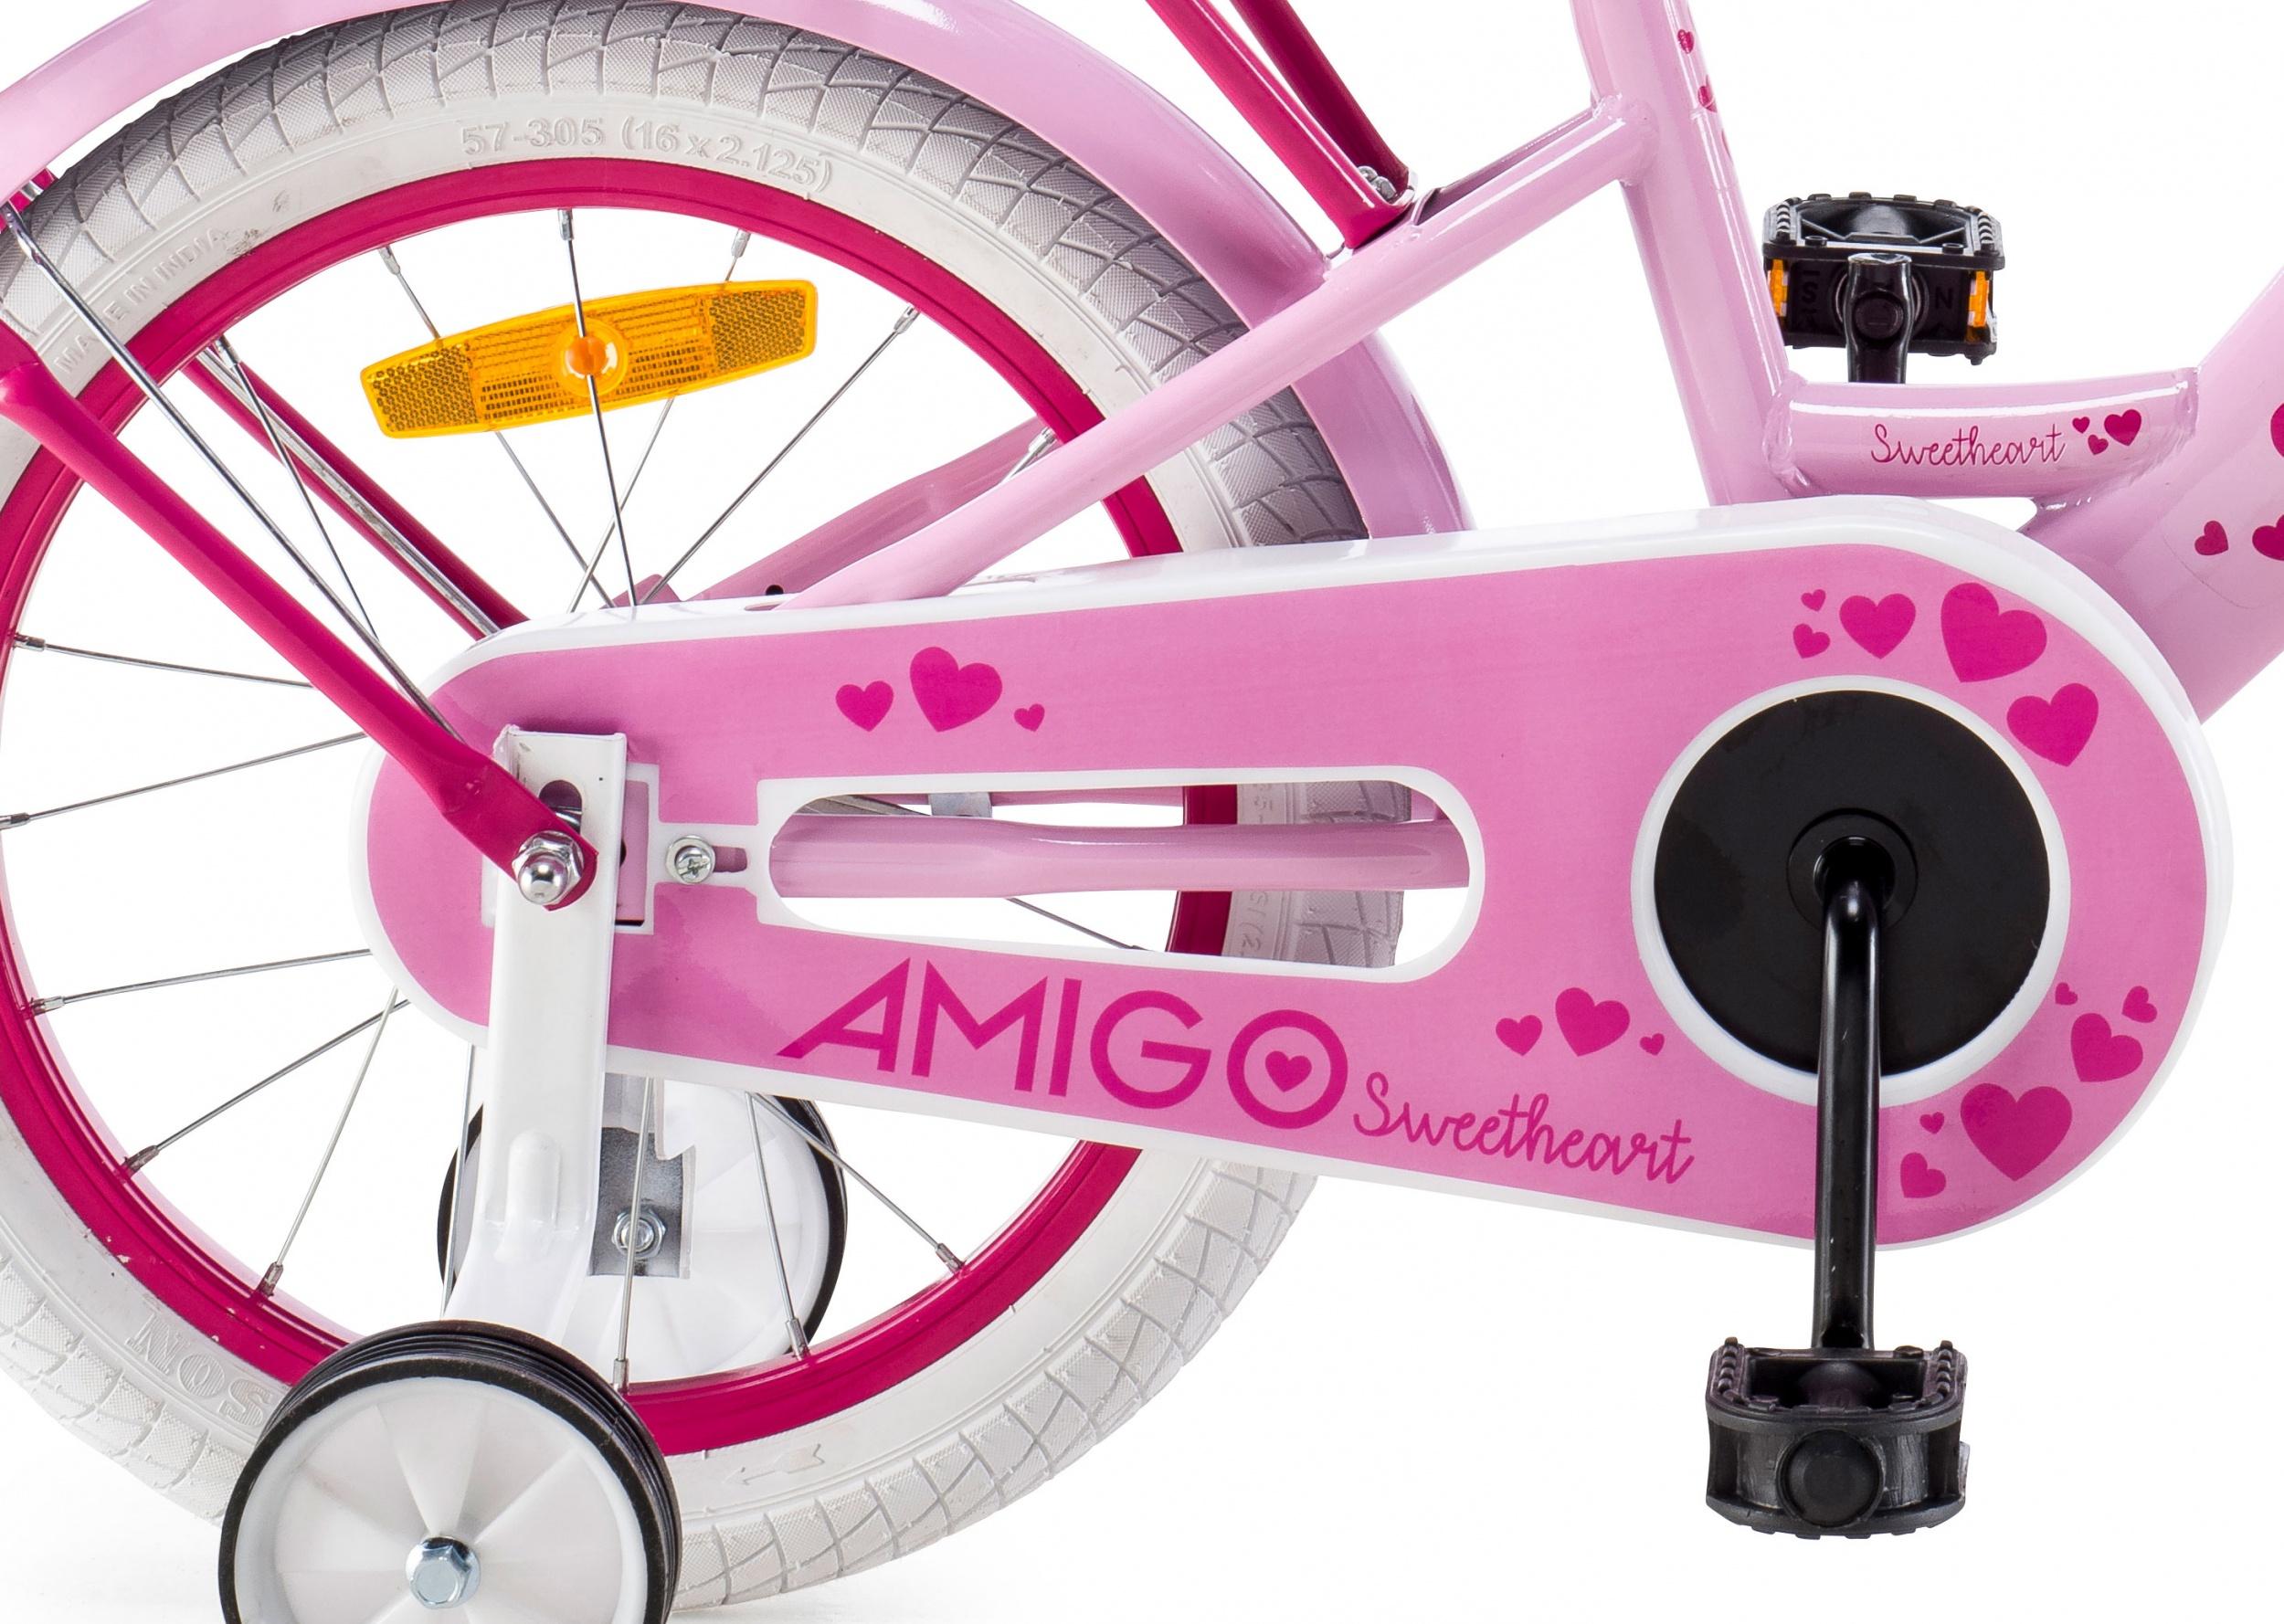 https://www.internet-bikes.com/producten/large/amigo_sweetheart_kinderfiets_16_inch_24_cm_meisjes_terugtraprem_roze_5_244899.jpg